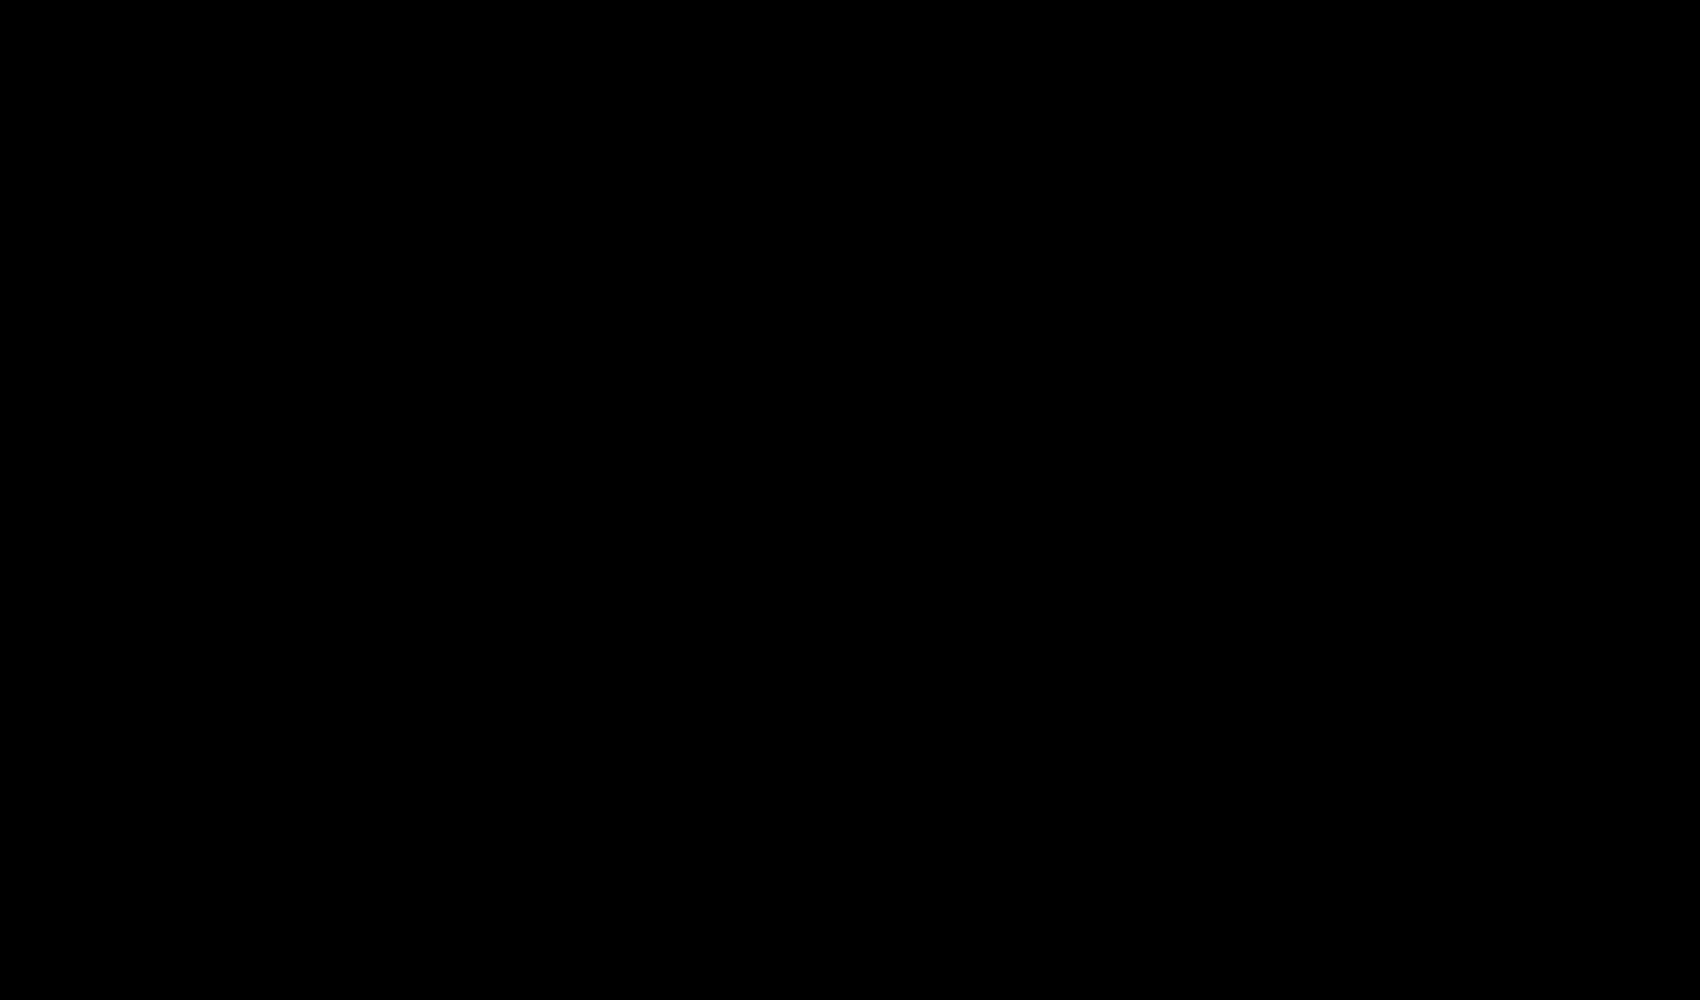 Korber logo